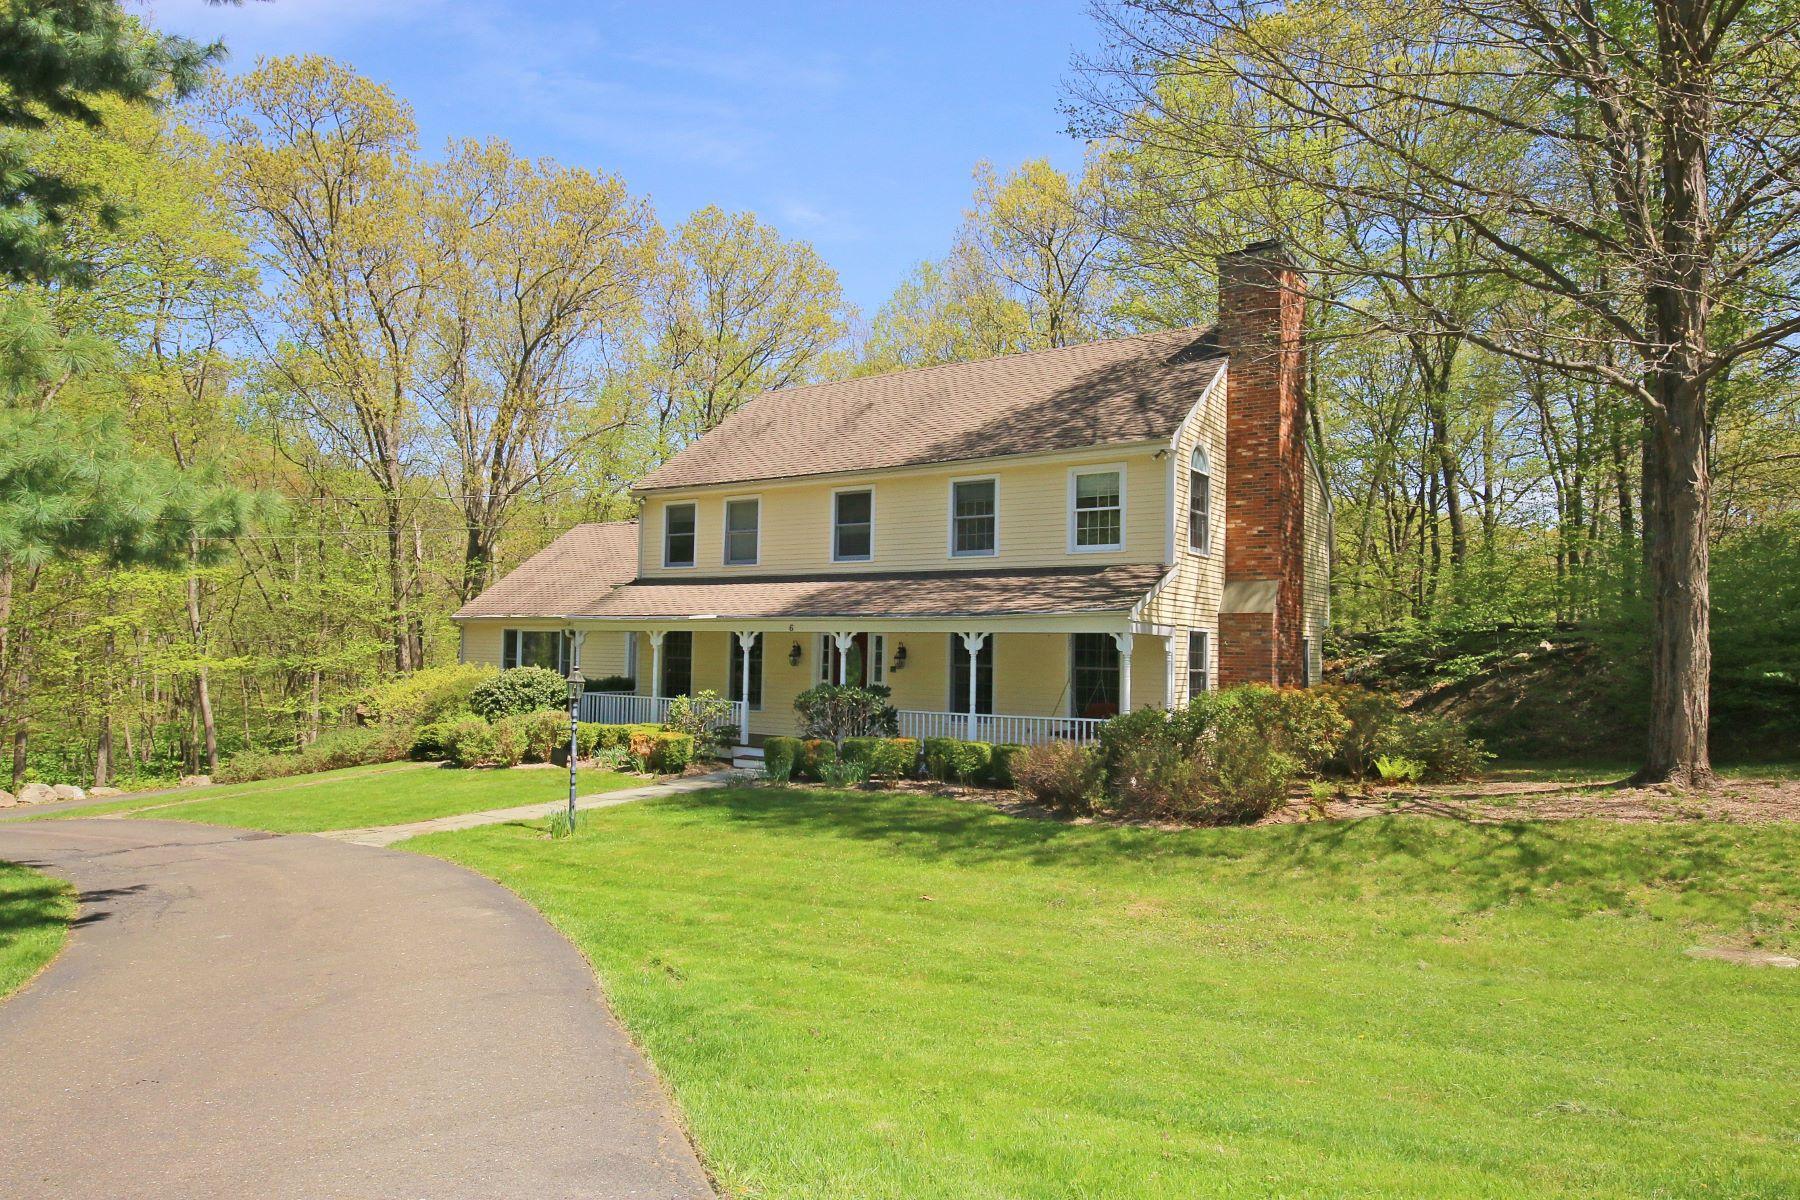 独户住宅 为 销售 在 ELEGANT COLONIAL 6 Lounsbury Lane 里奇菲尔德, 康涅狄格州 06877 美国